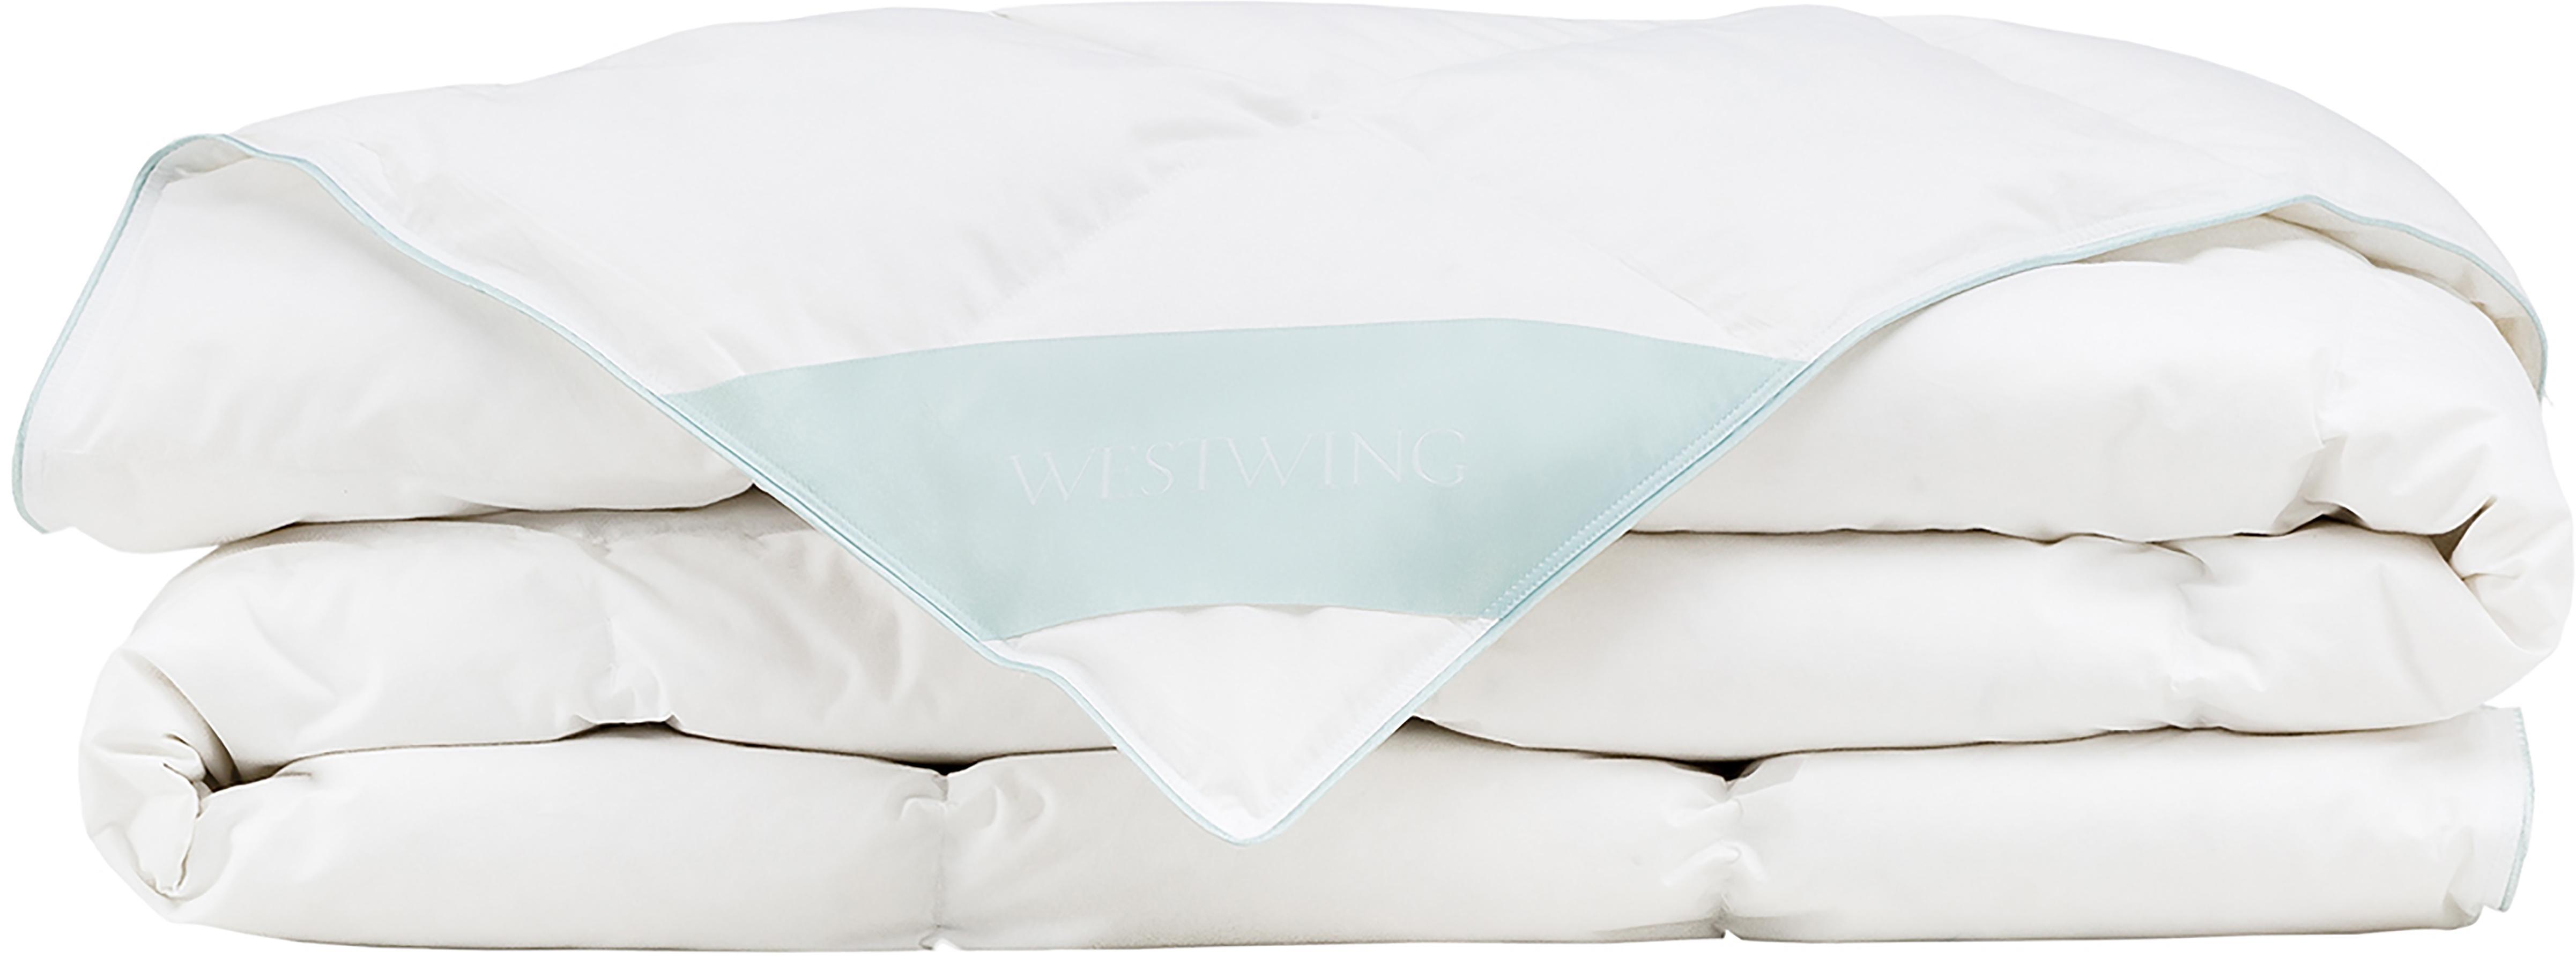 Daunen-Bettdecke Comfort, extra leicht, Hülle: 100% Baumwolle, feine Mak, Weiß, 155 x 220 cm